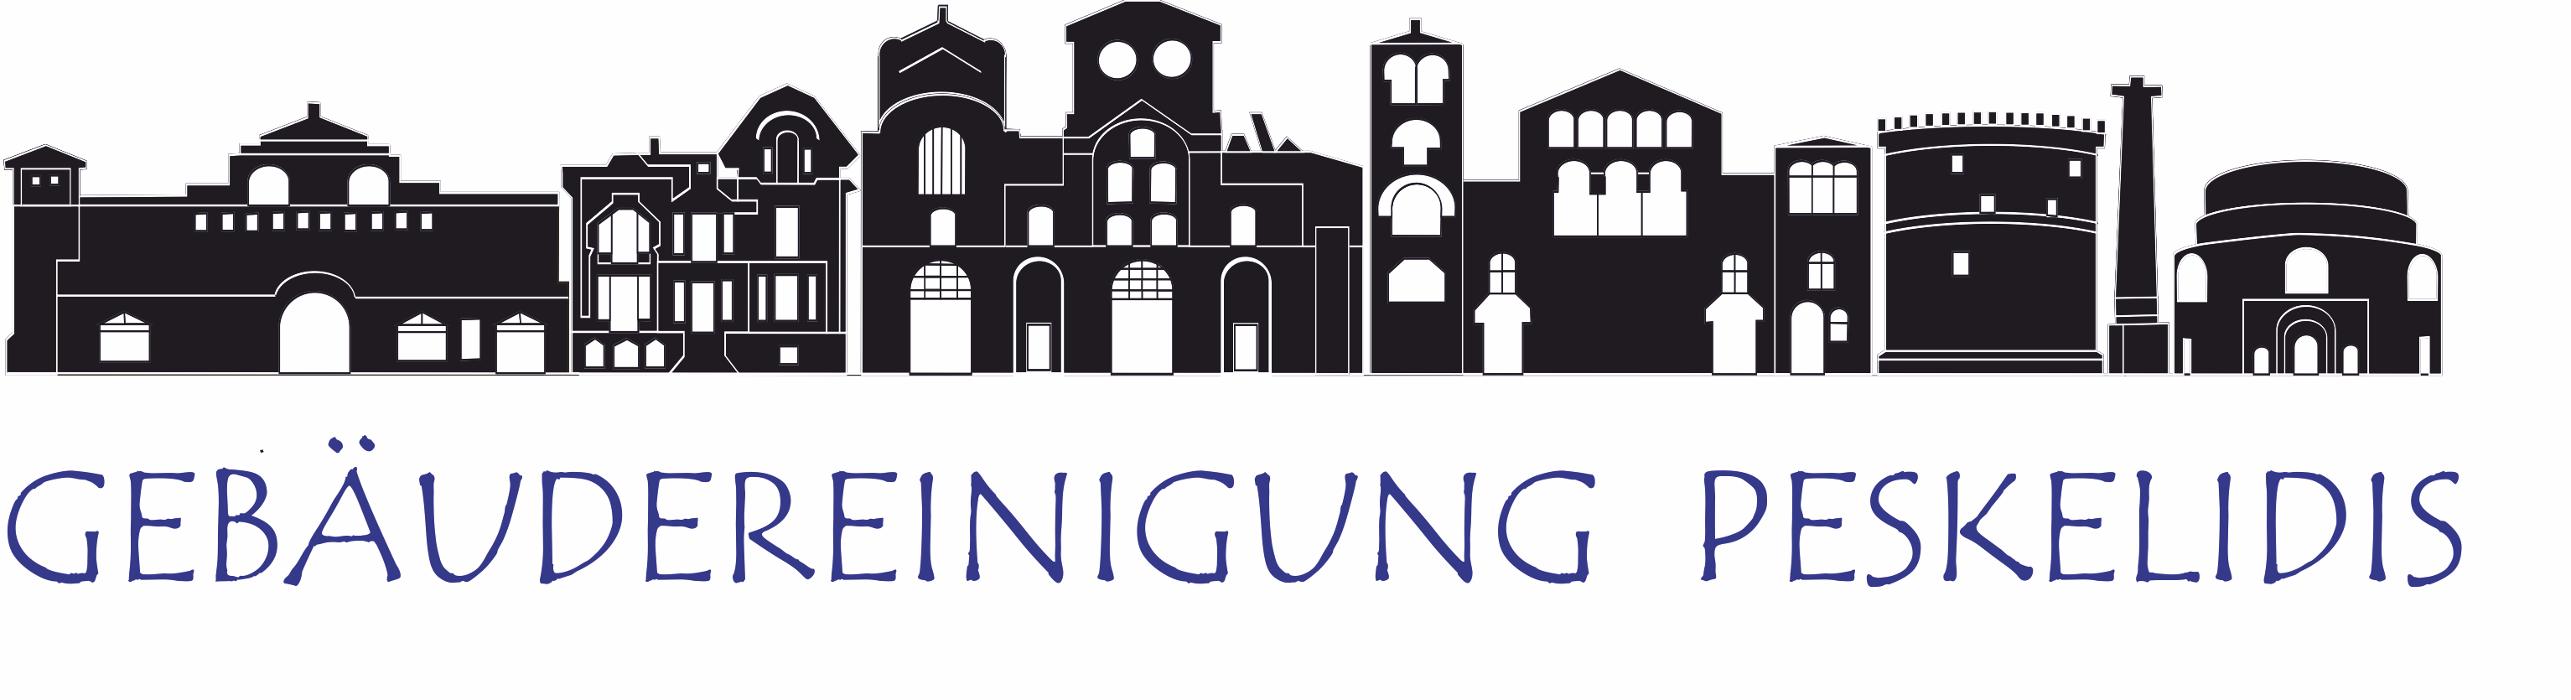 Gebäudereinigung Peskelidis • Wuppertal, Jesinghausen 11 - Öffnungszeiten &  Angebote